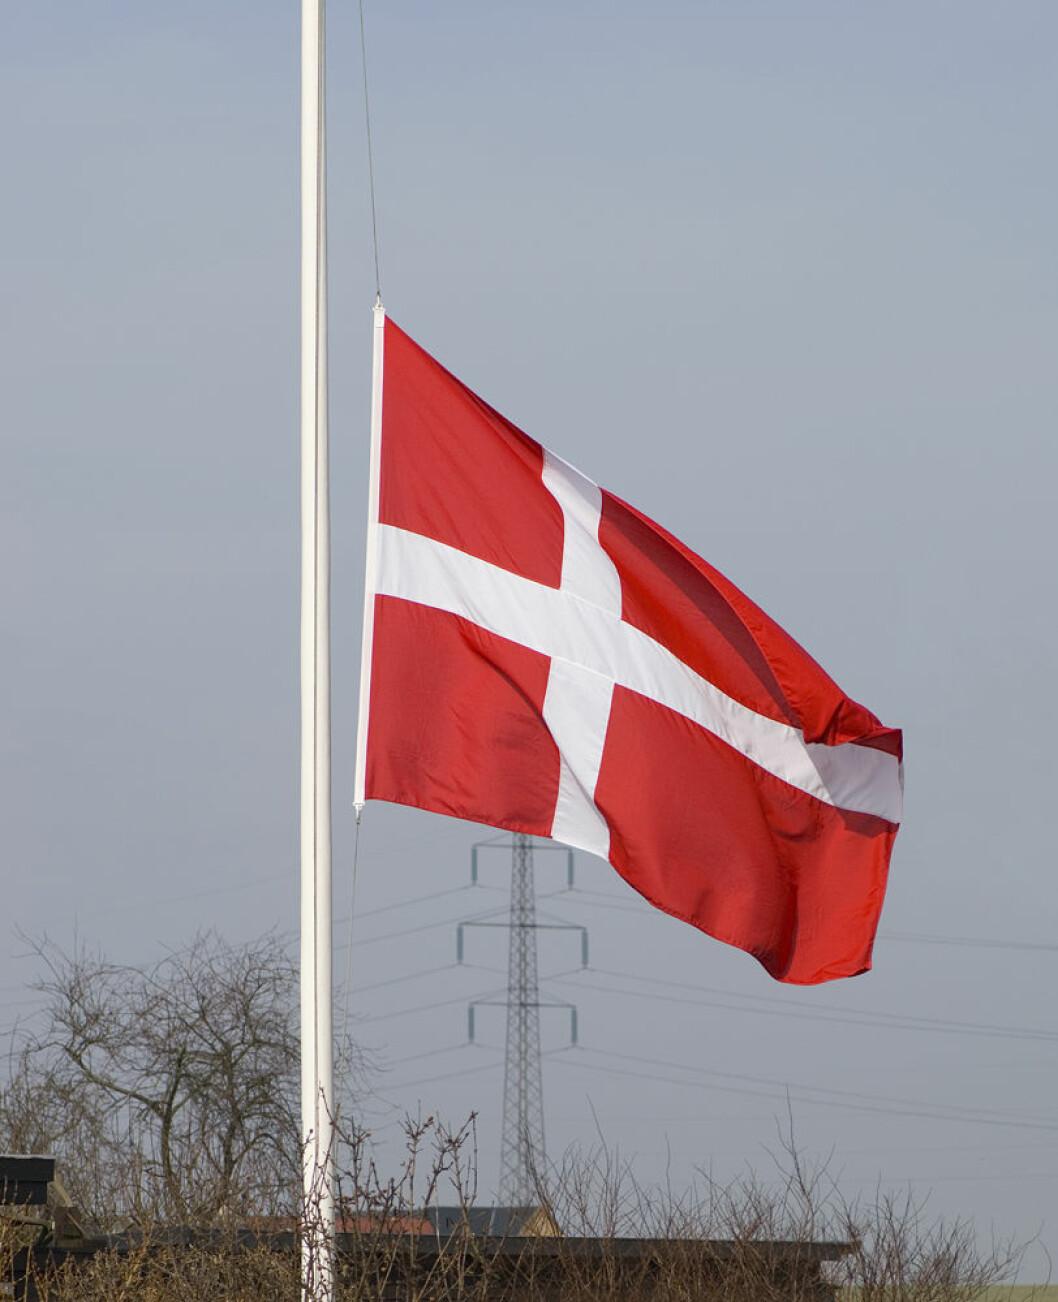 dansk flagg halv stang COLOURBOX1163399